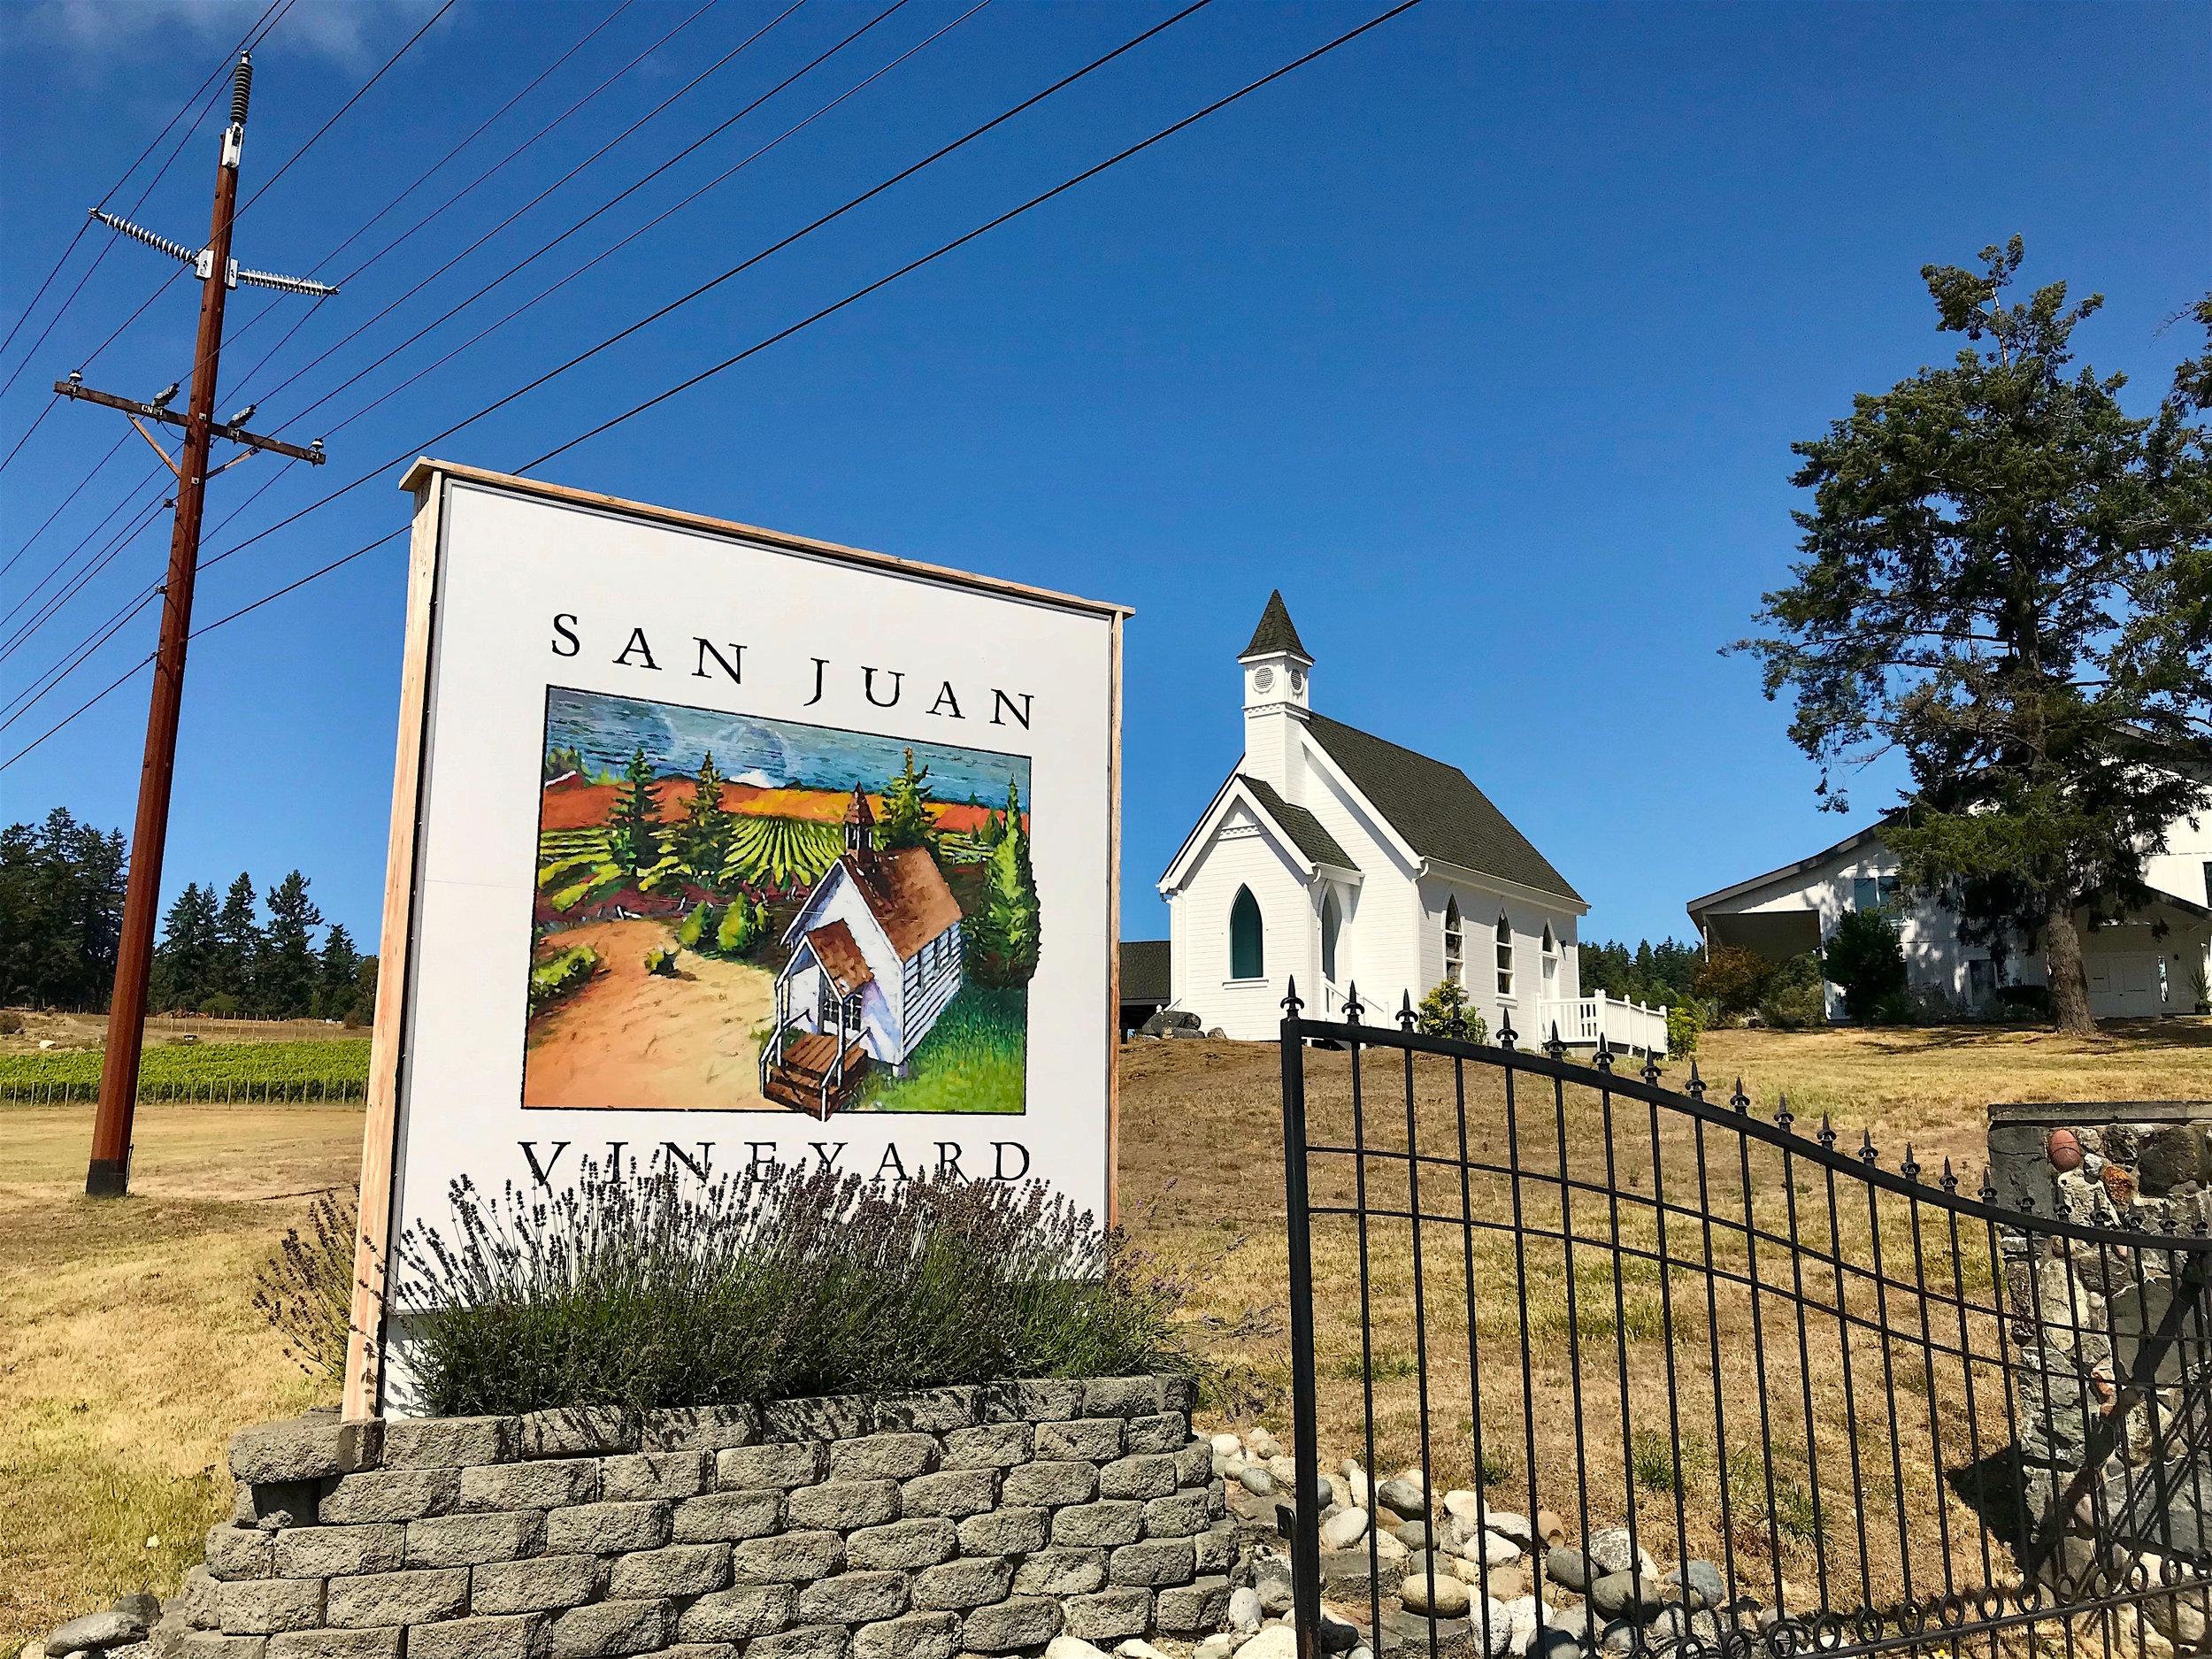 Picturesque San Juan Vineyards offers wine tastings every weekend through December